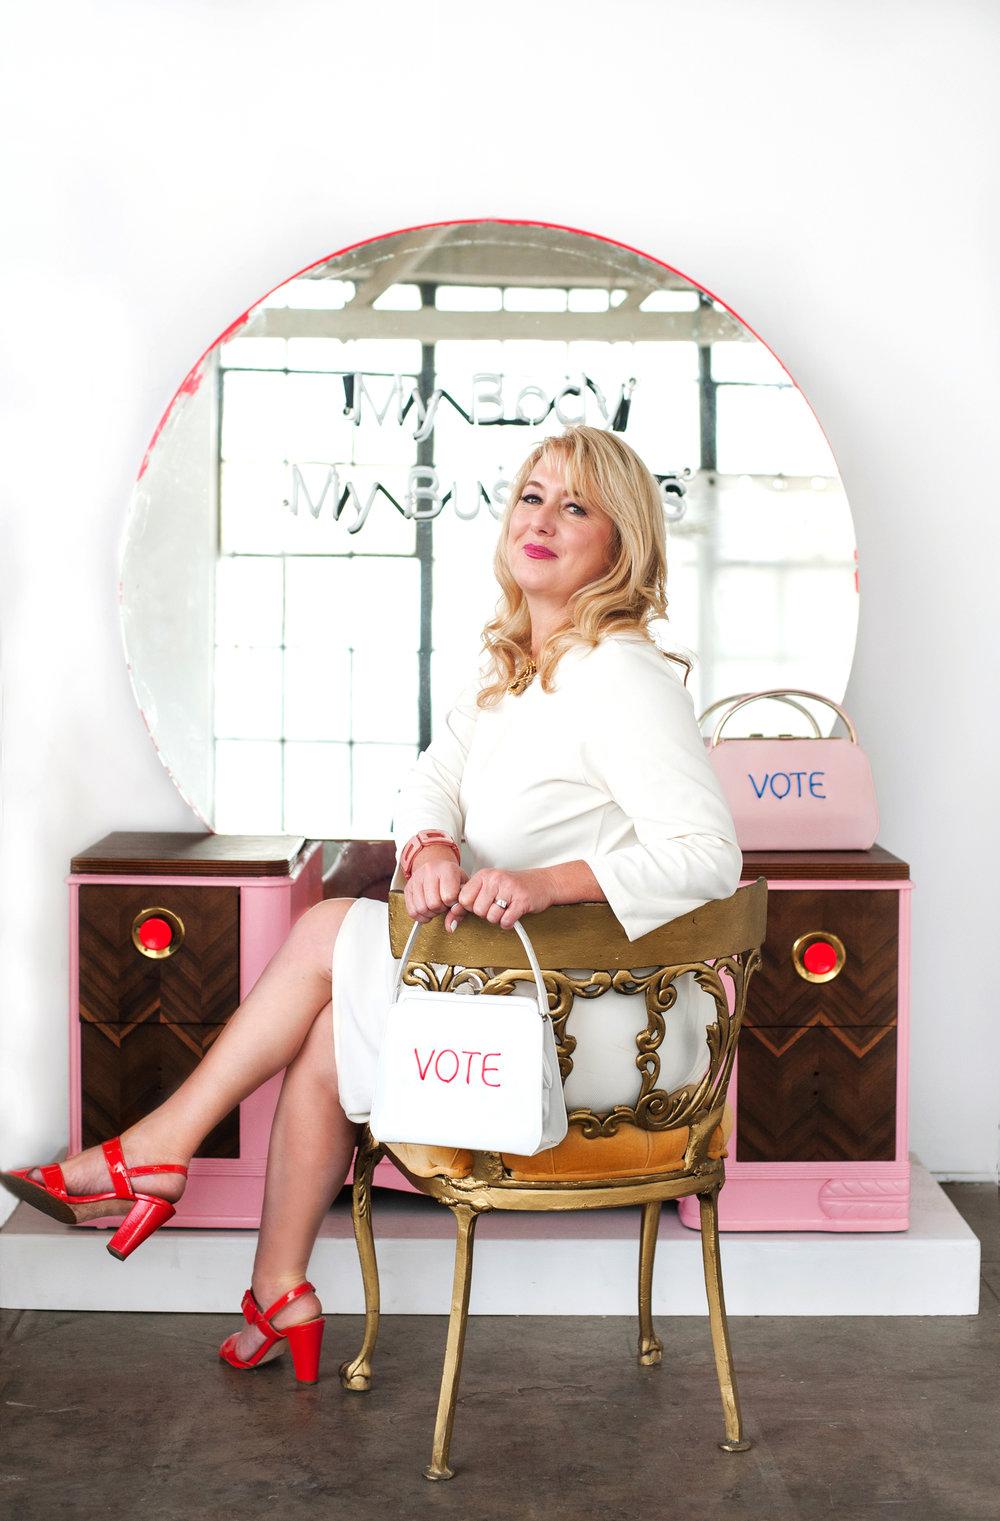 Lesley.Evers.VOTE-5.jpg